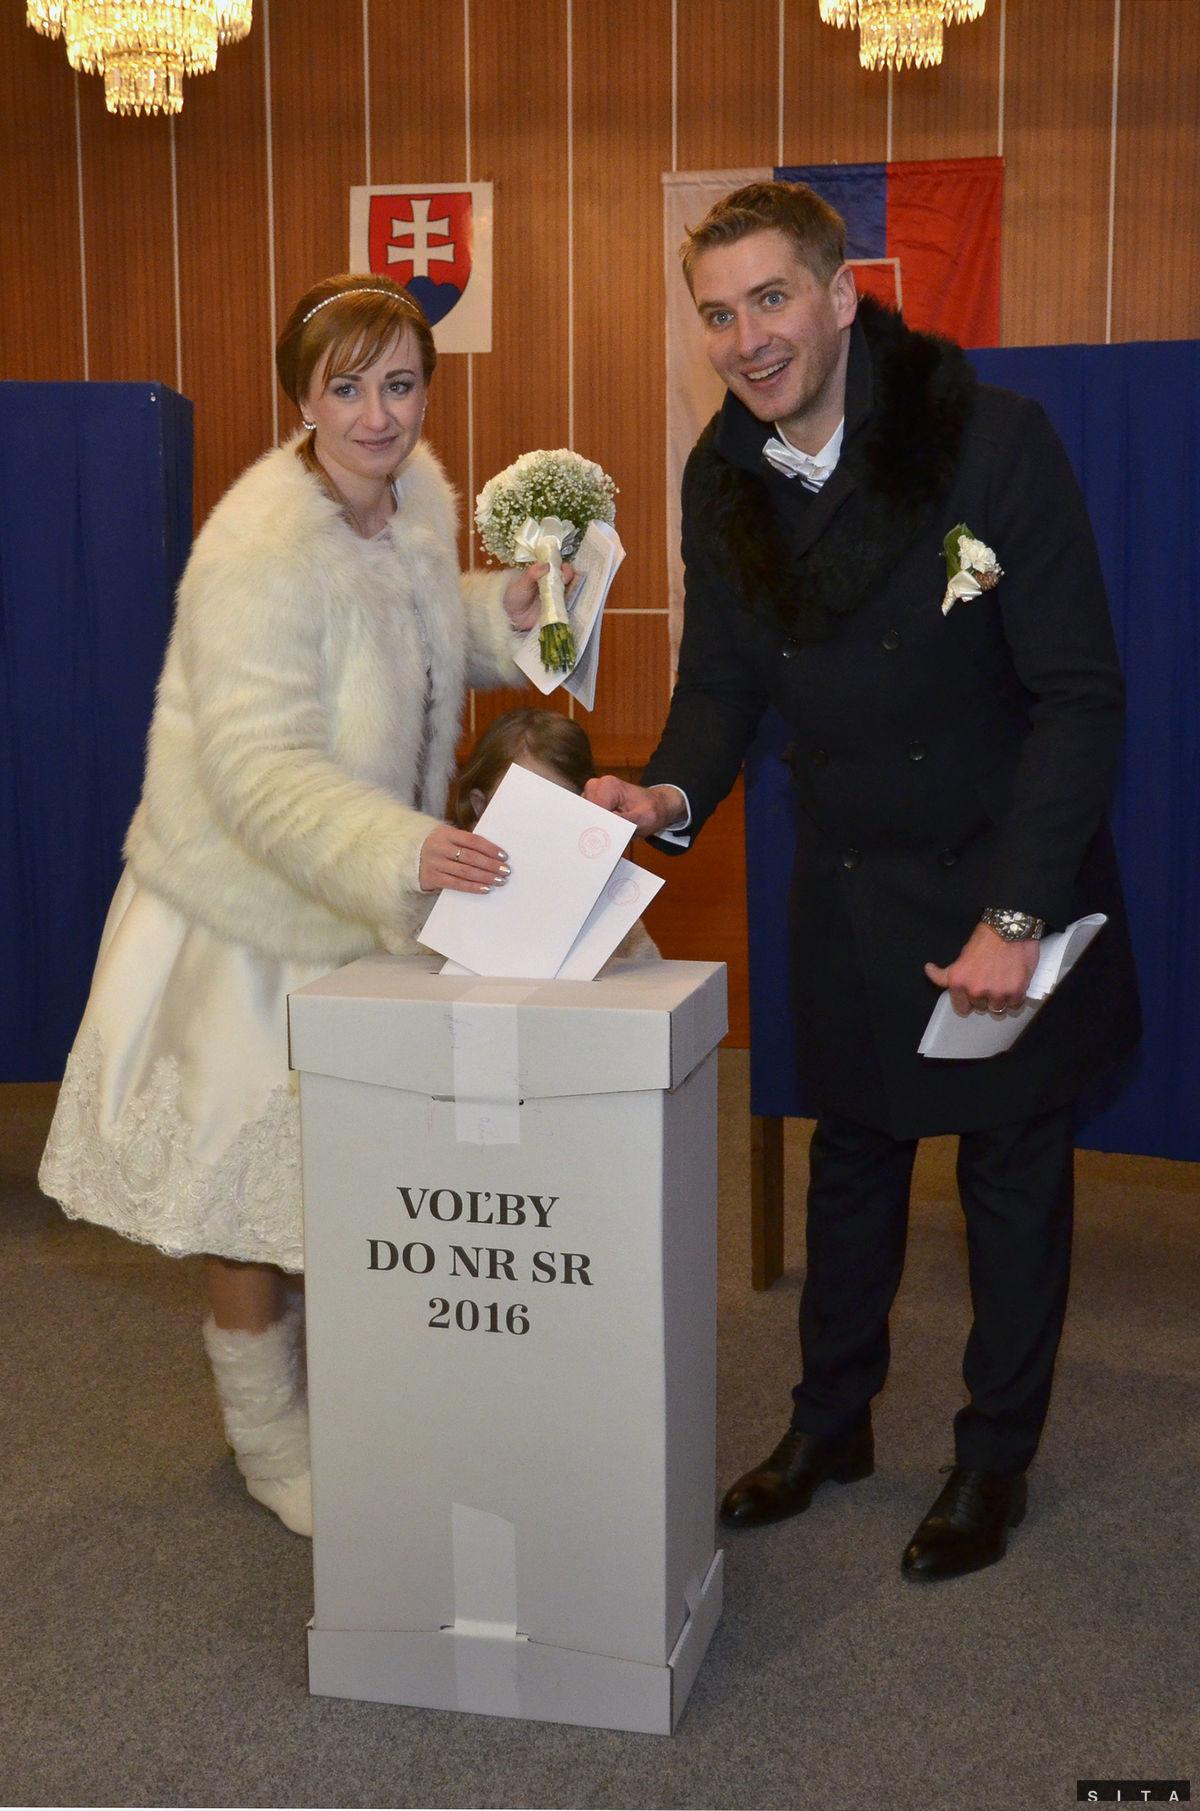 Mladomanželia počas volebného aktu pre voľby do Národnej rady SR na Mestskom úrade v Starom Smokovci.